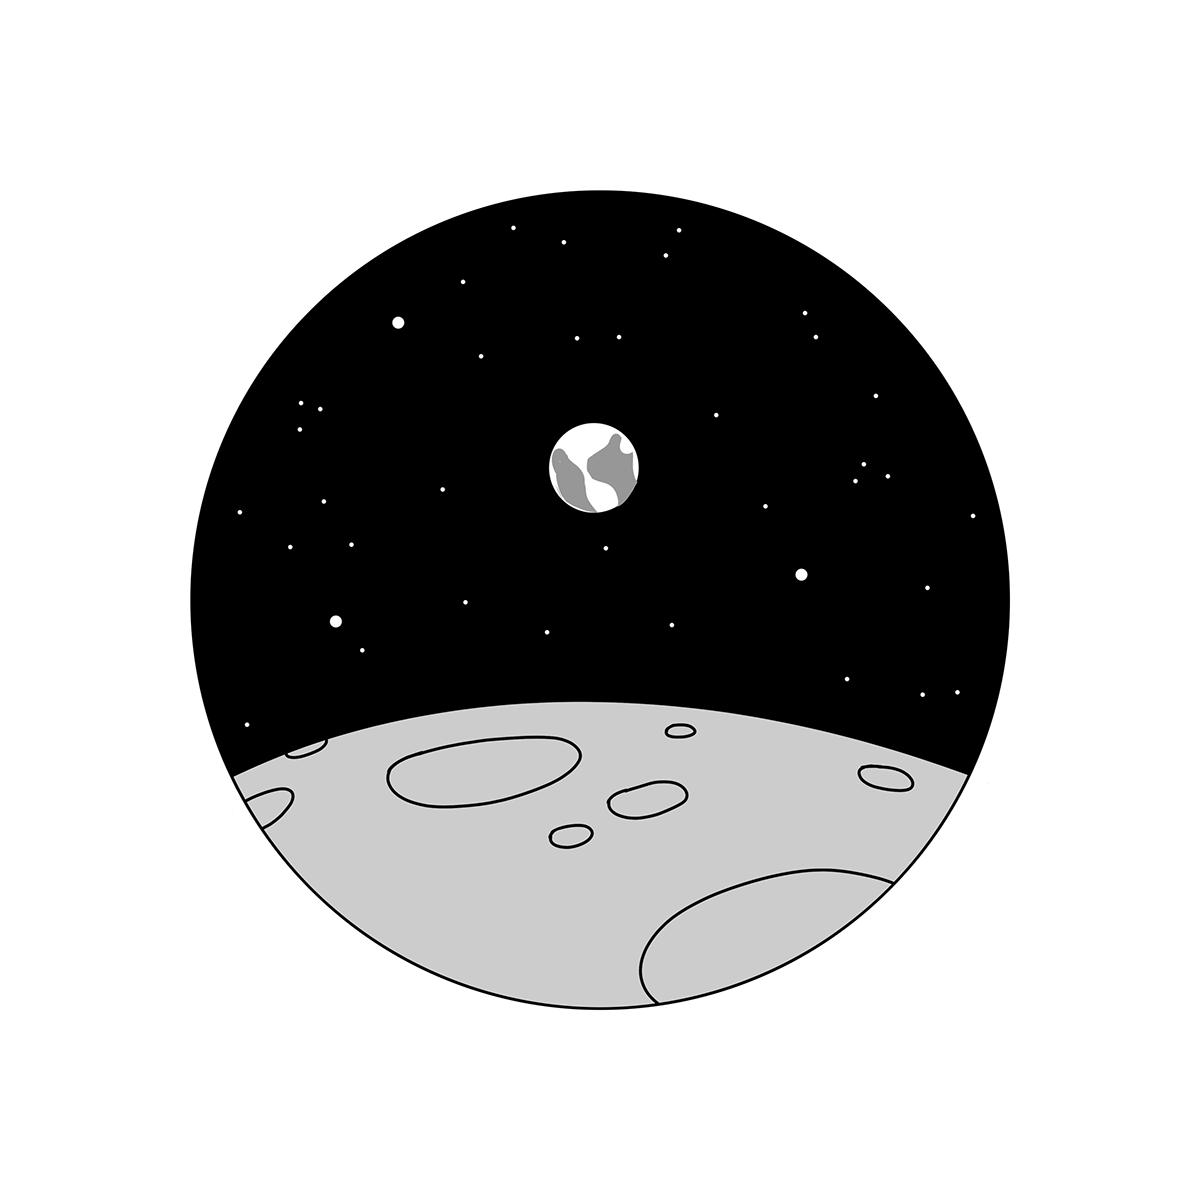 moon landing 2019 funny saiditnet - HD1200×1200